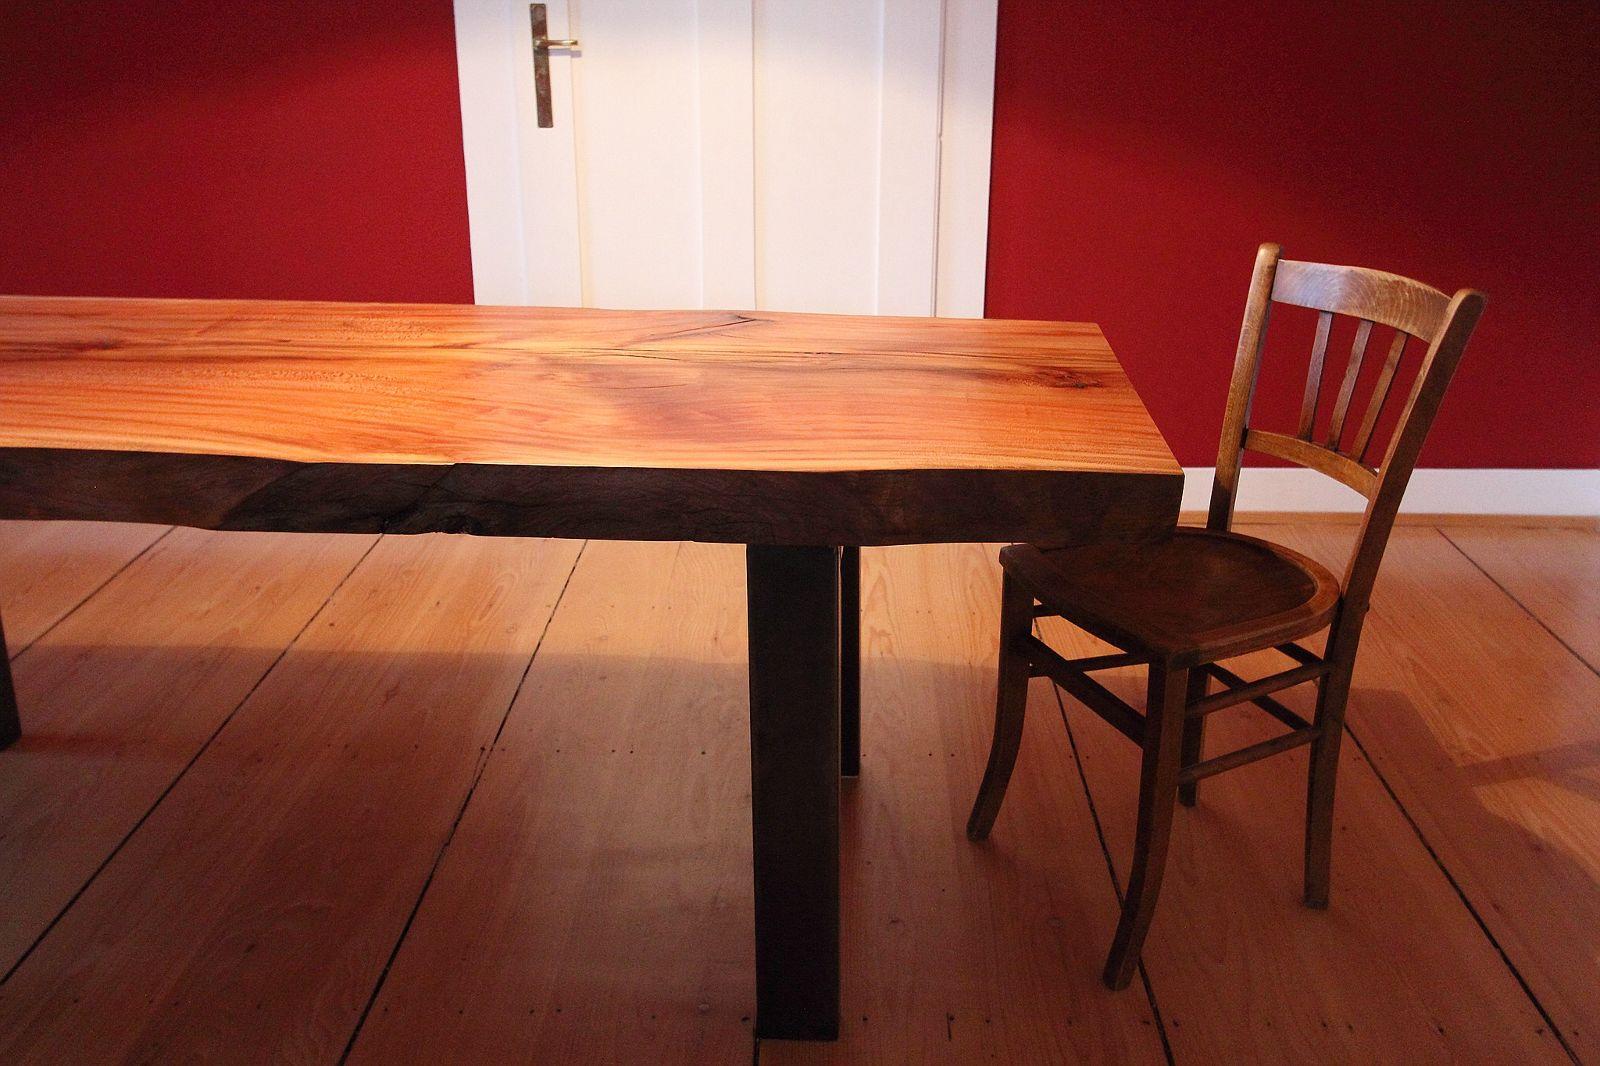 Matalia Möbel & Objekte - Tisch und Stuhl